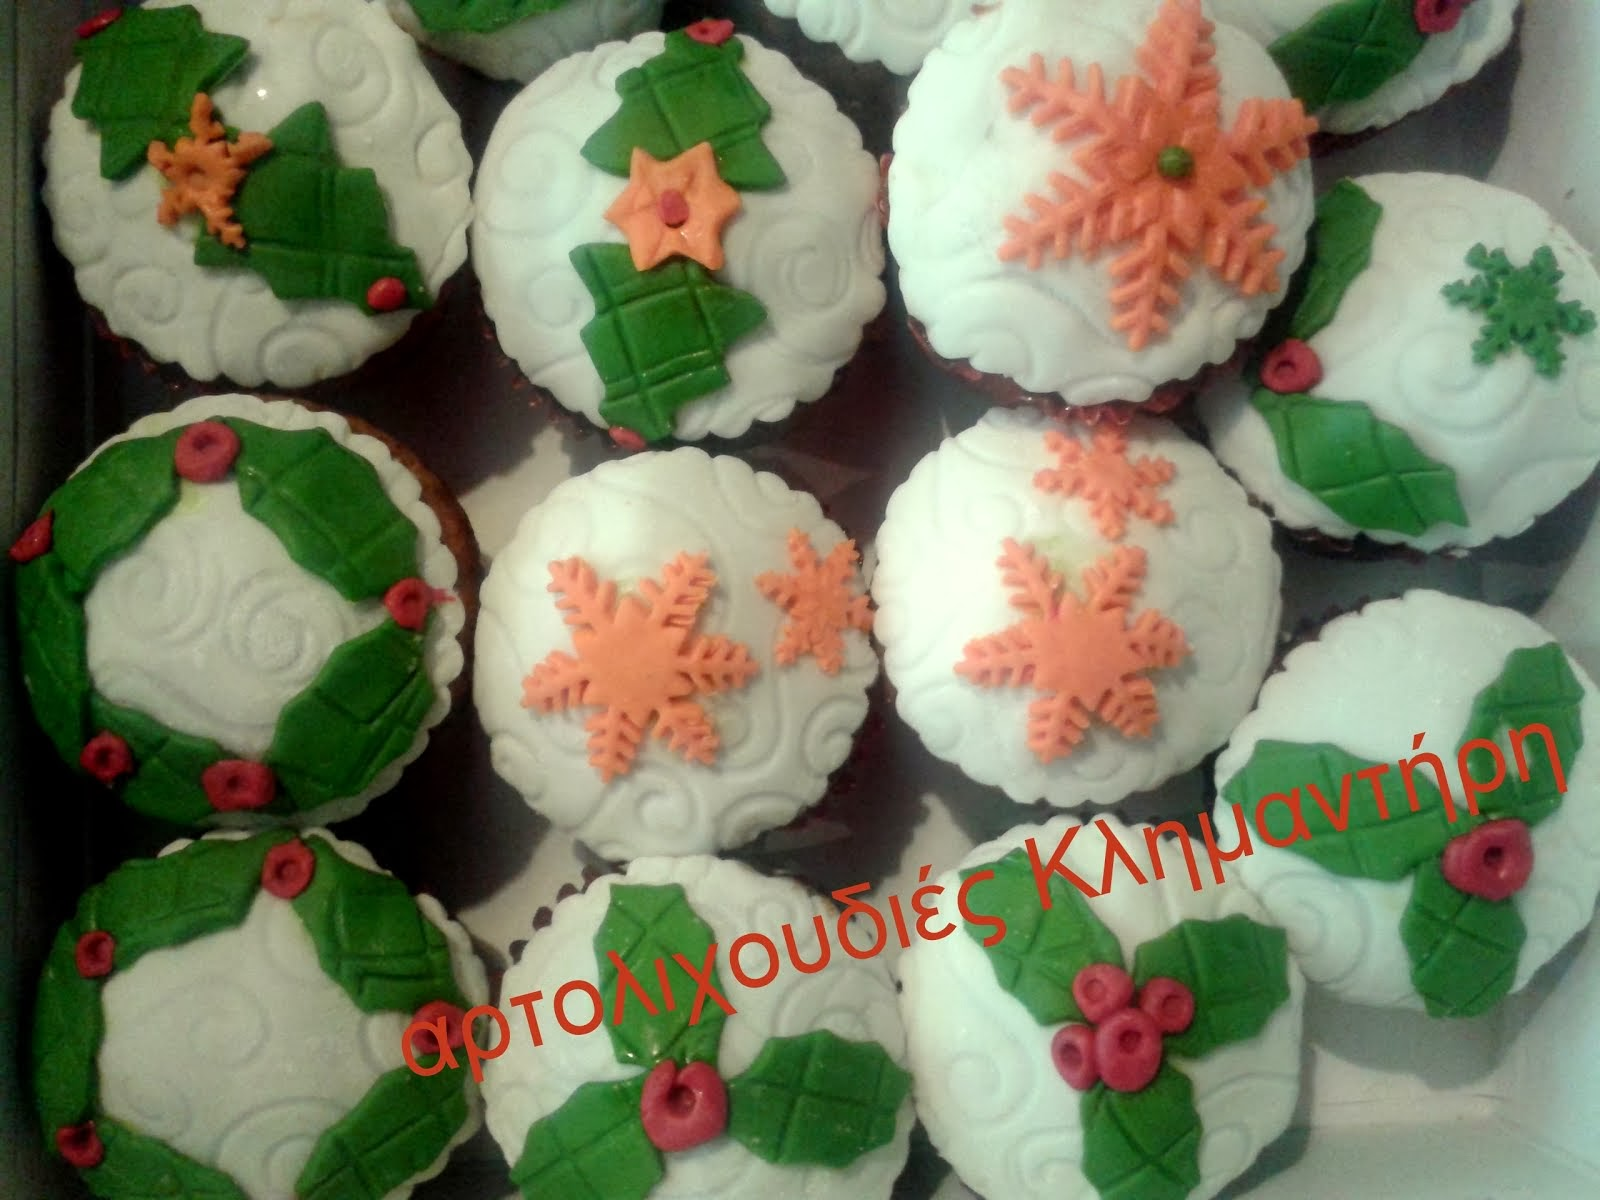 Χριστουγεννιάτικα cupcakes ζαχαρόπαστας!